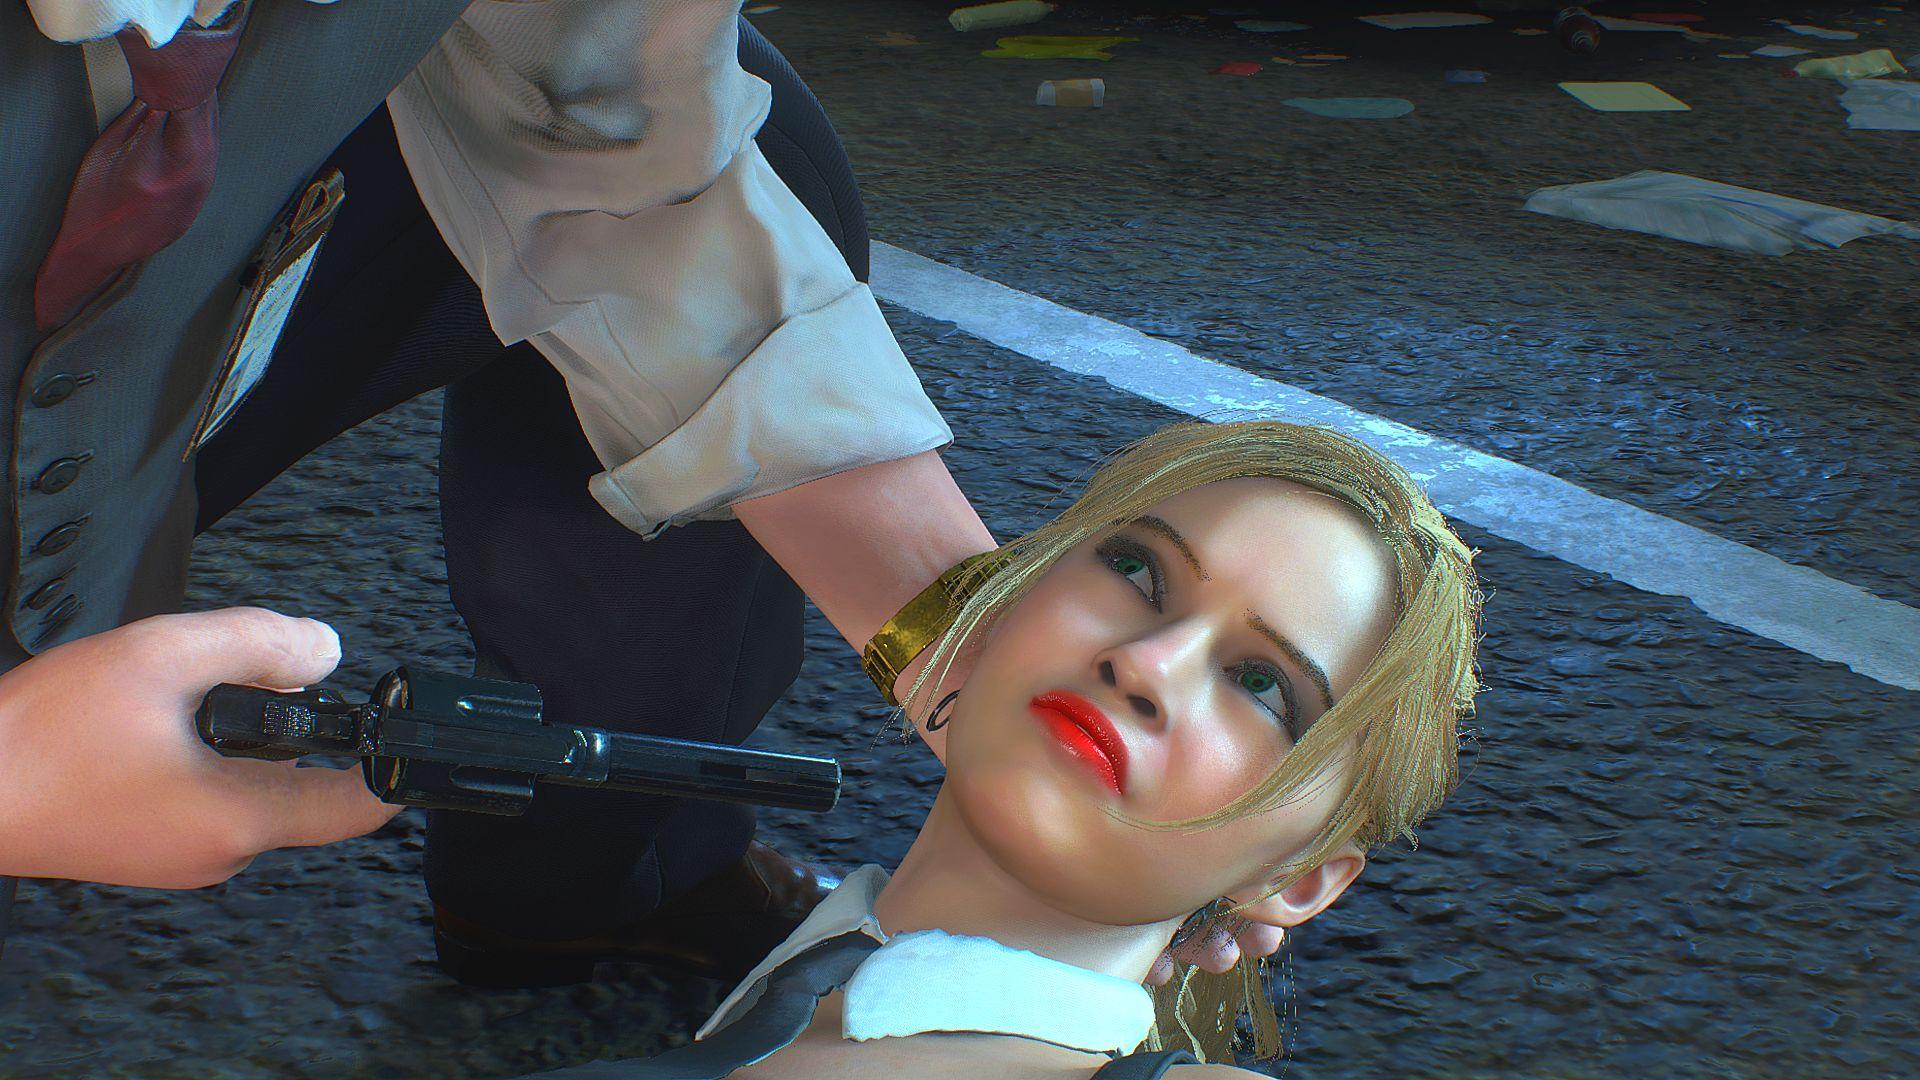 00053.Jpg - Resident Evil 2